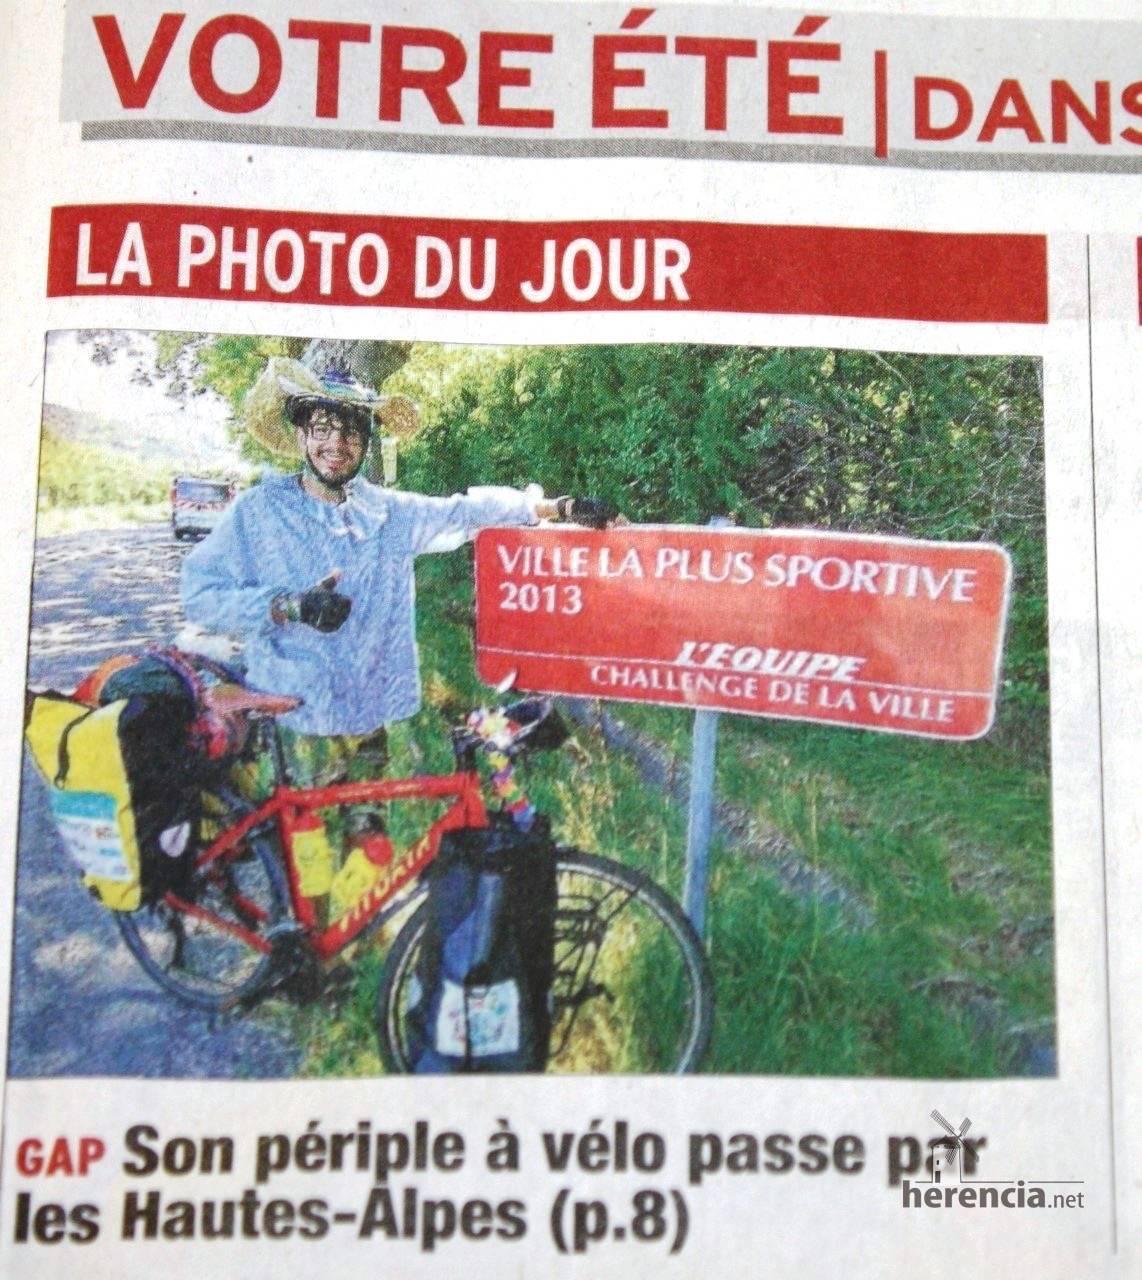 etapa 23 - Perle en la prensa francesa - 14